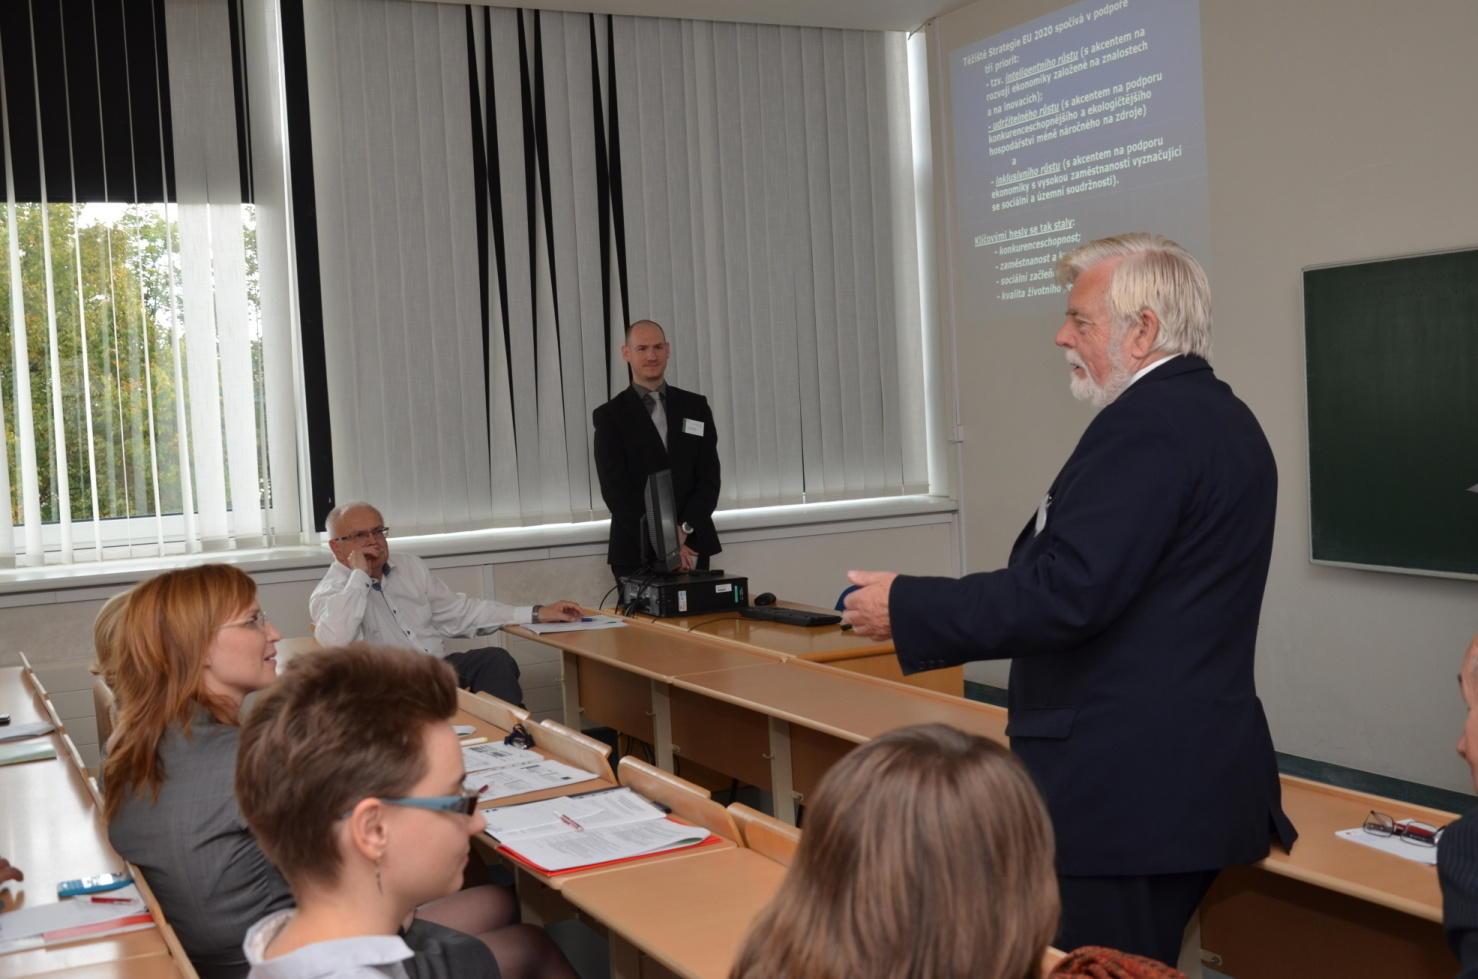 Konference Veřejná správa 2014